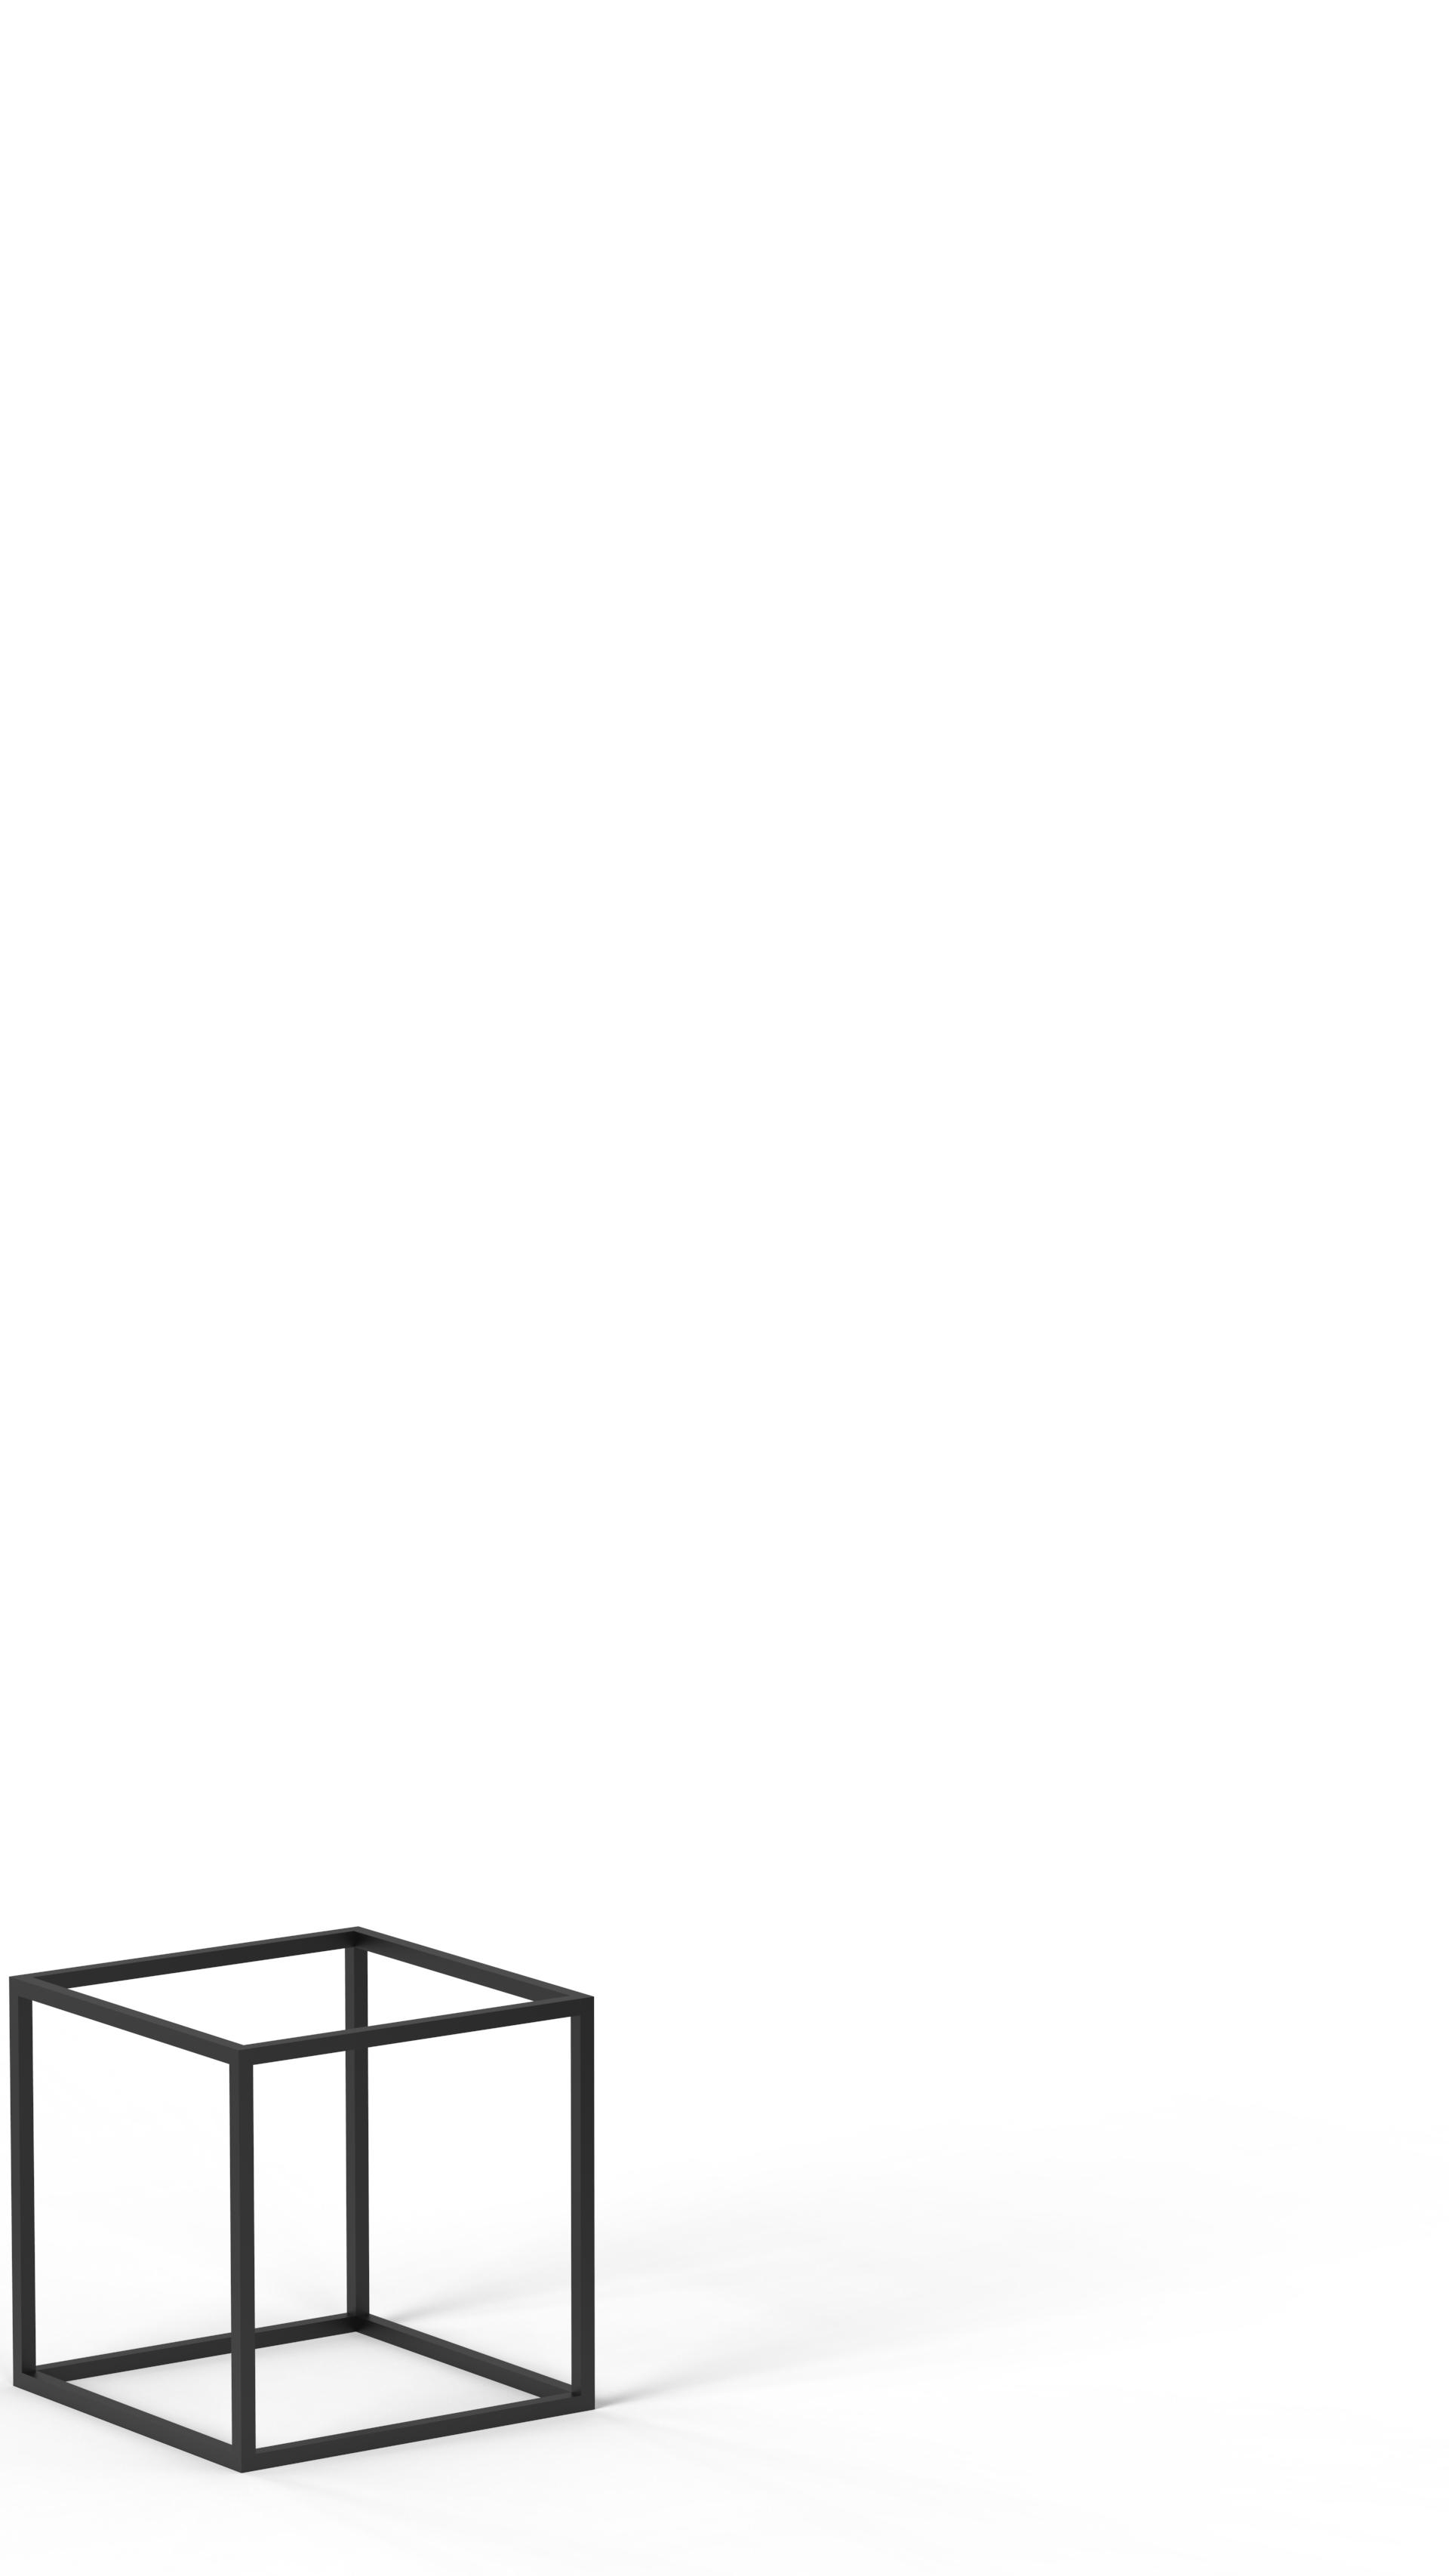 INITCAG20X20 Présentoir polyvalent cage SAINT-HONORÉ PARIS